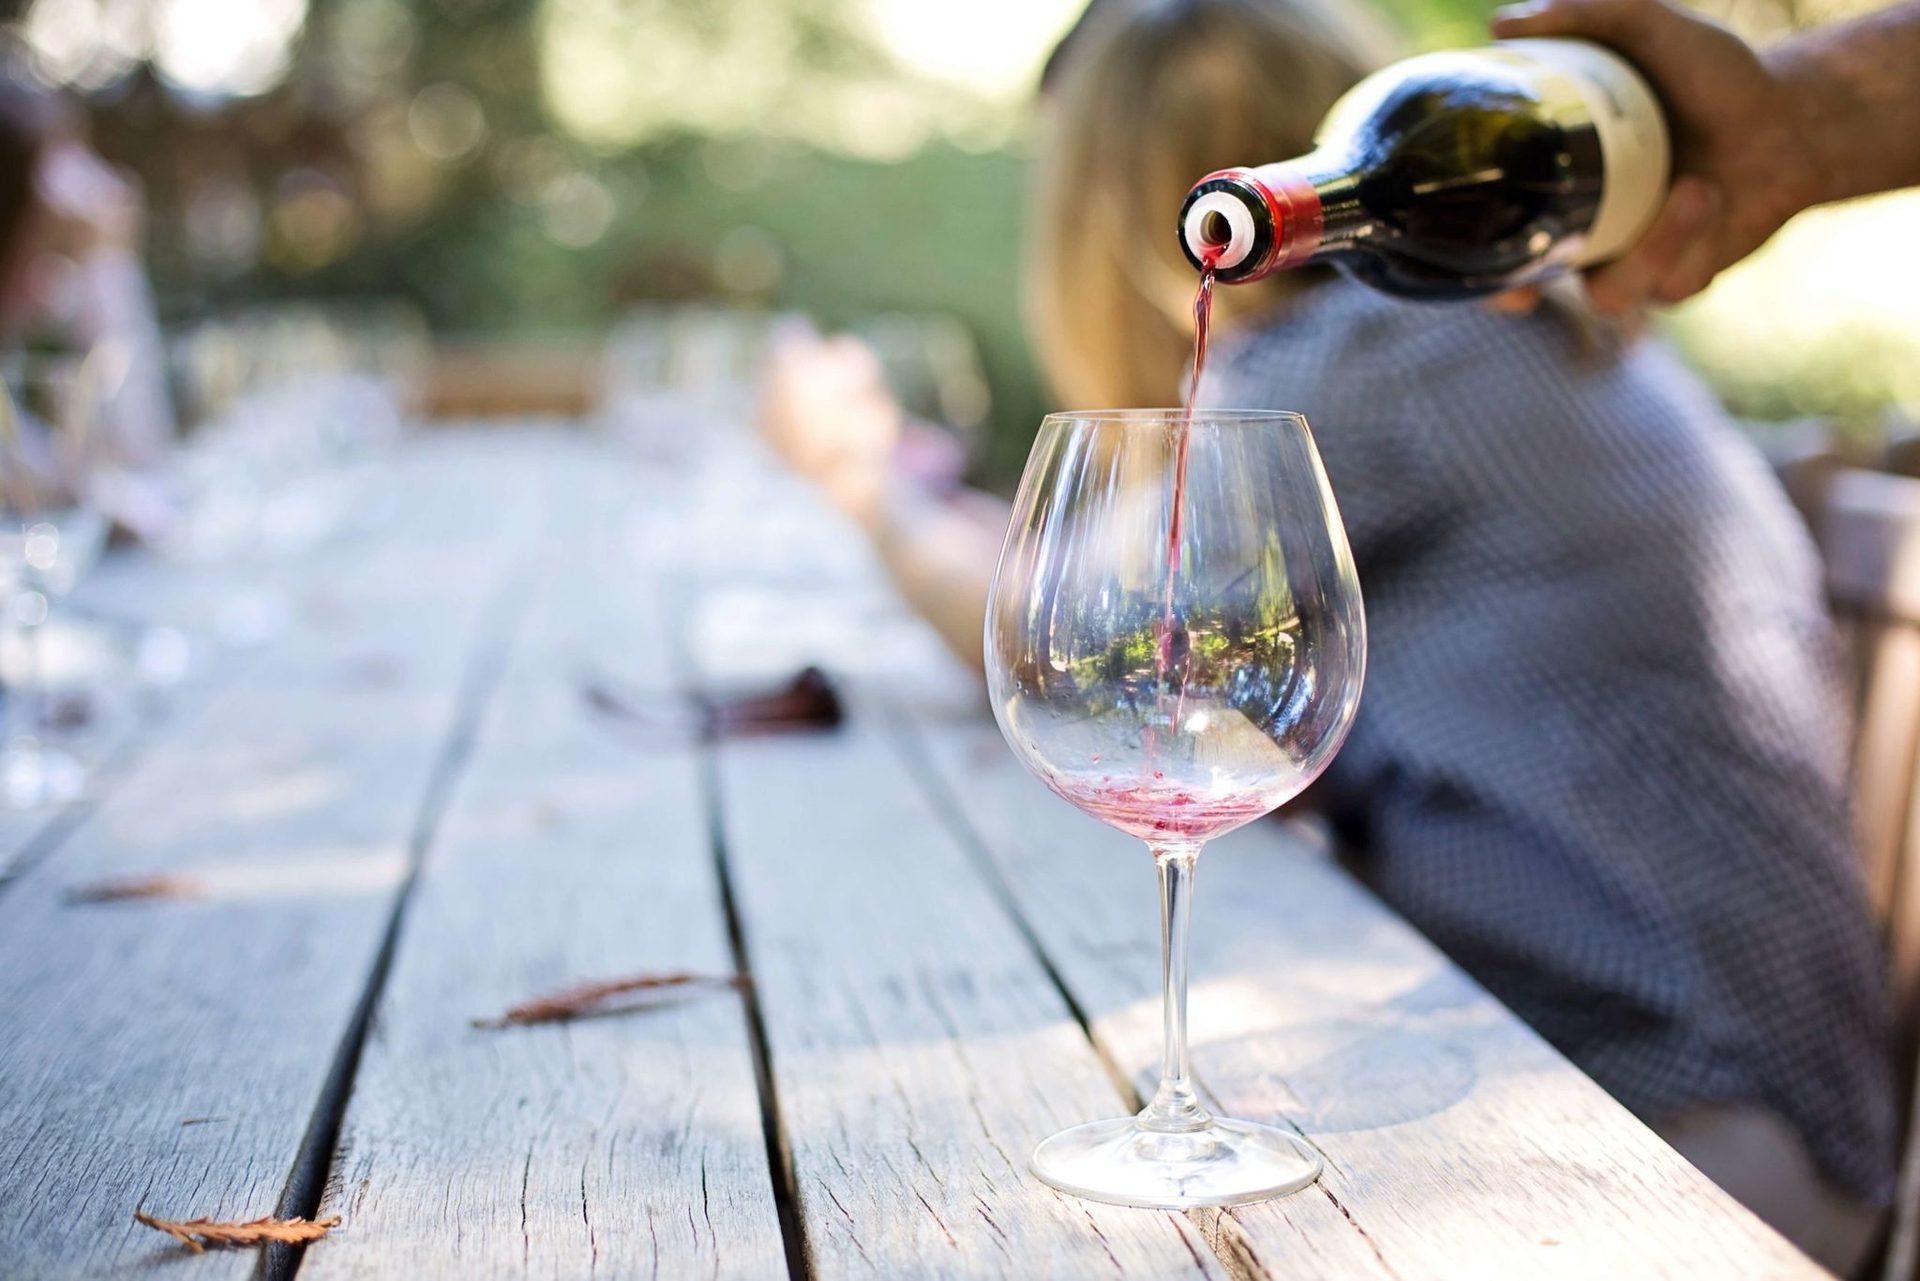 Программа тура построена таким образом, чтобы у вас была возможность посетить самые интересные места Хорватии, а на устричной ферме и виноградниках сможете даже продегустировать местную продукцию!